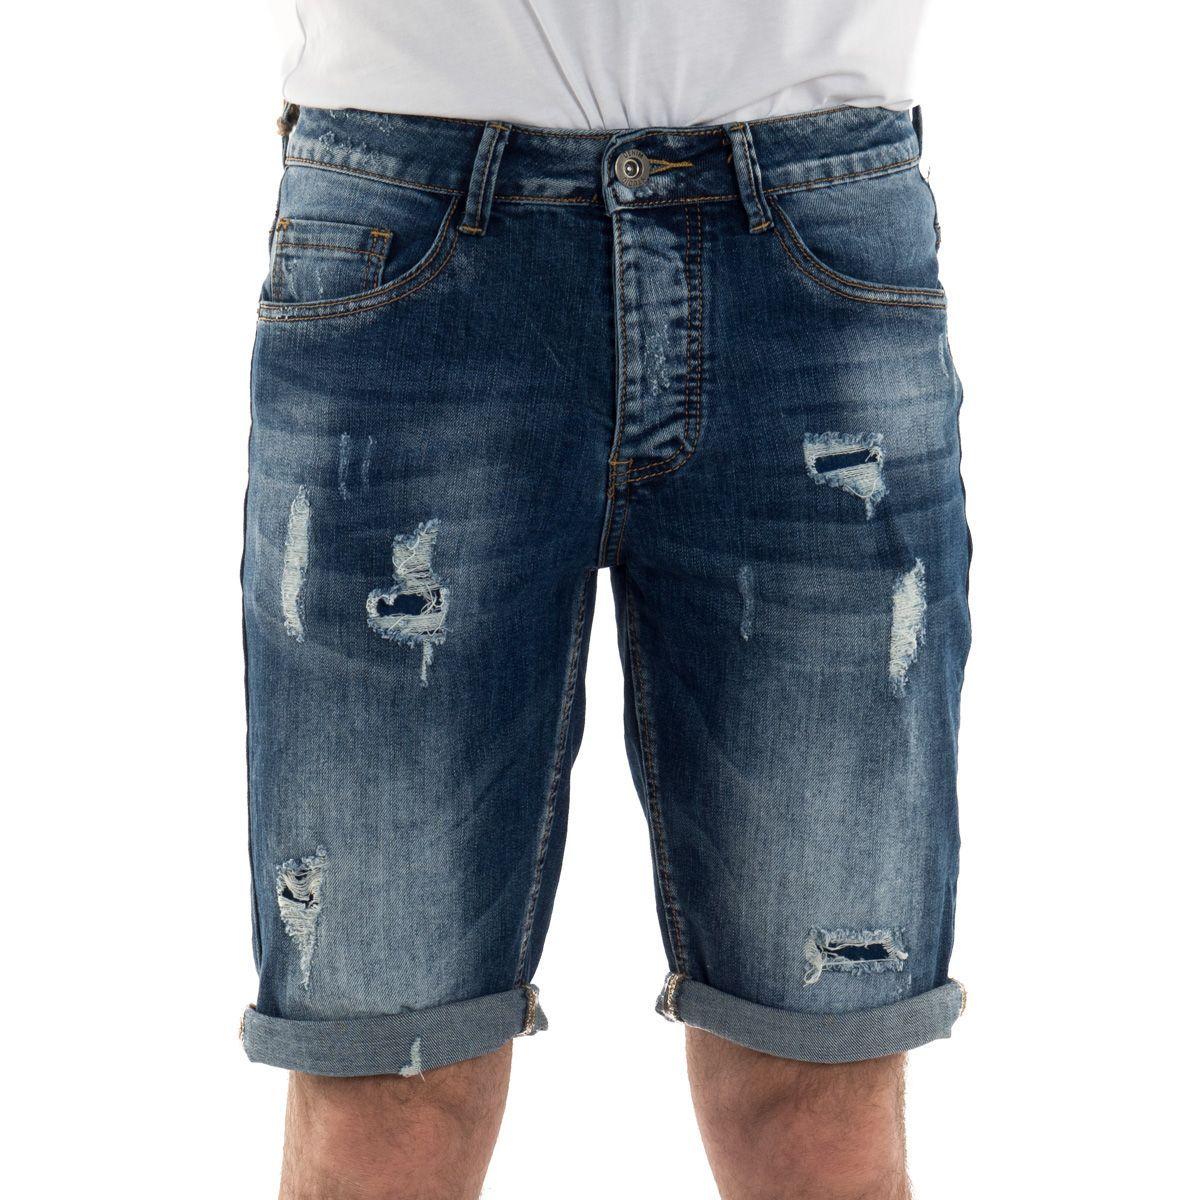 abbigliamento Bermuda uomo Bermuda LPHM1058 LANDEK PARK Cafedelmar Shop